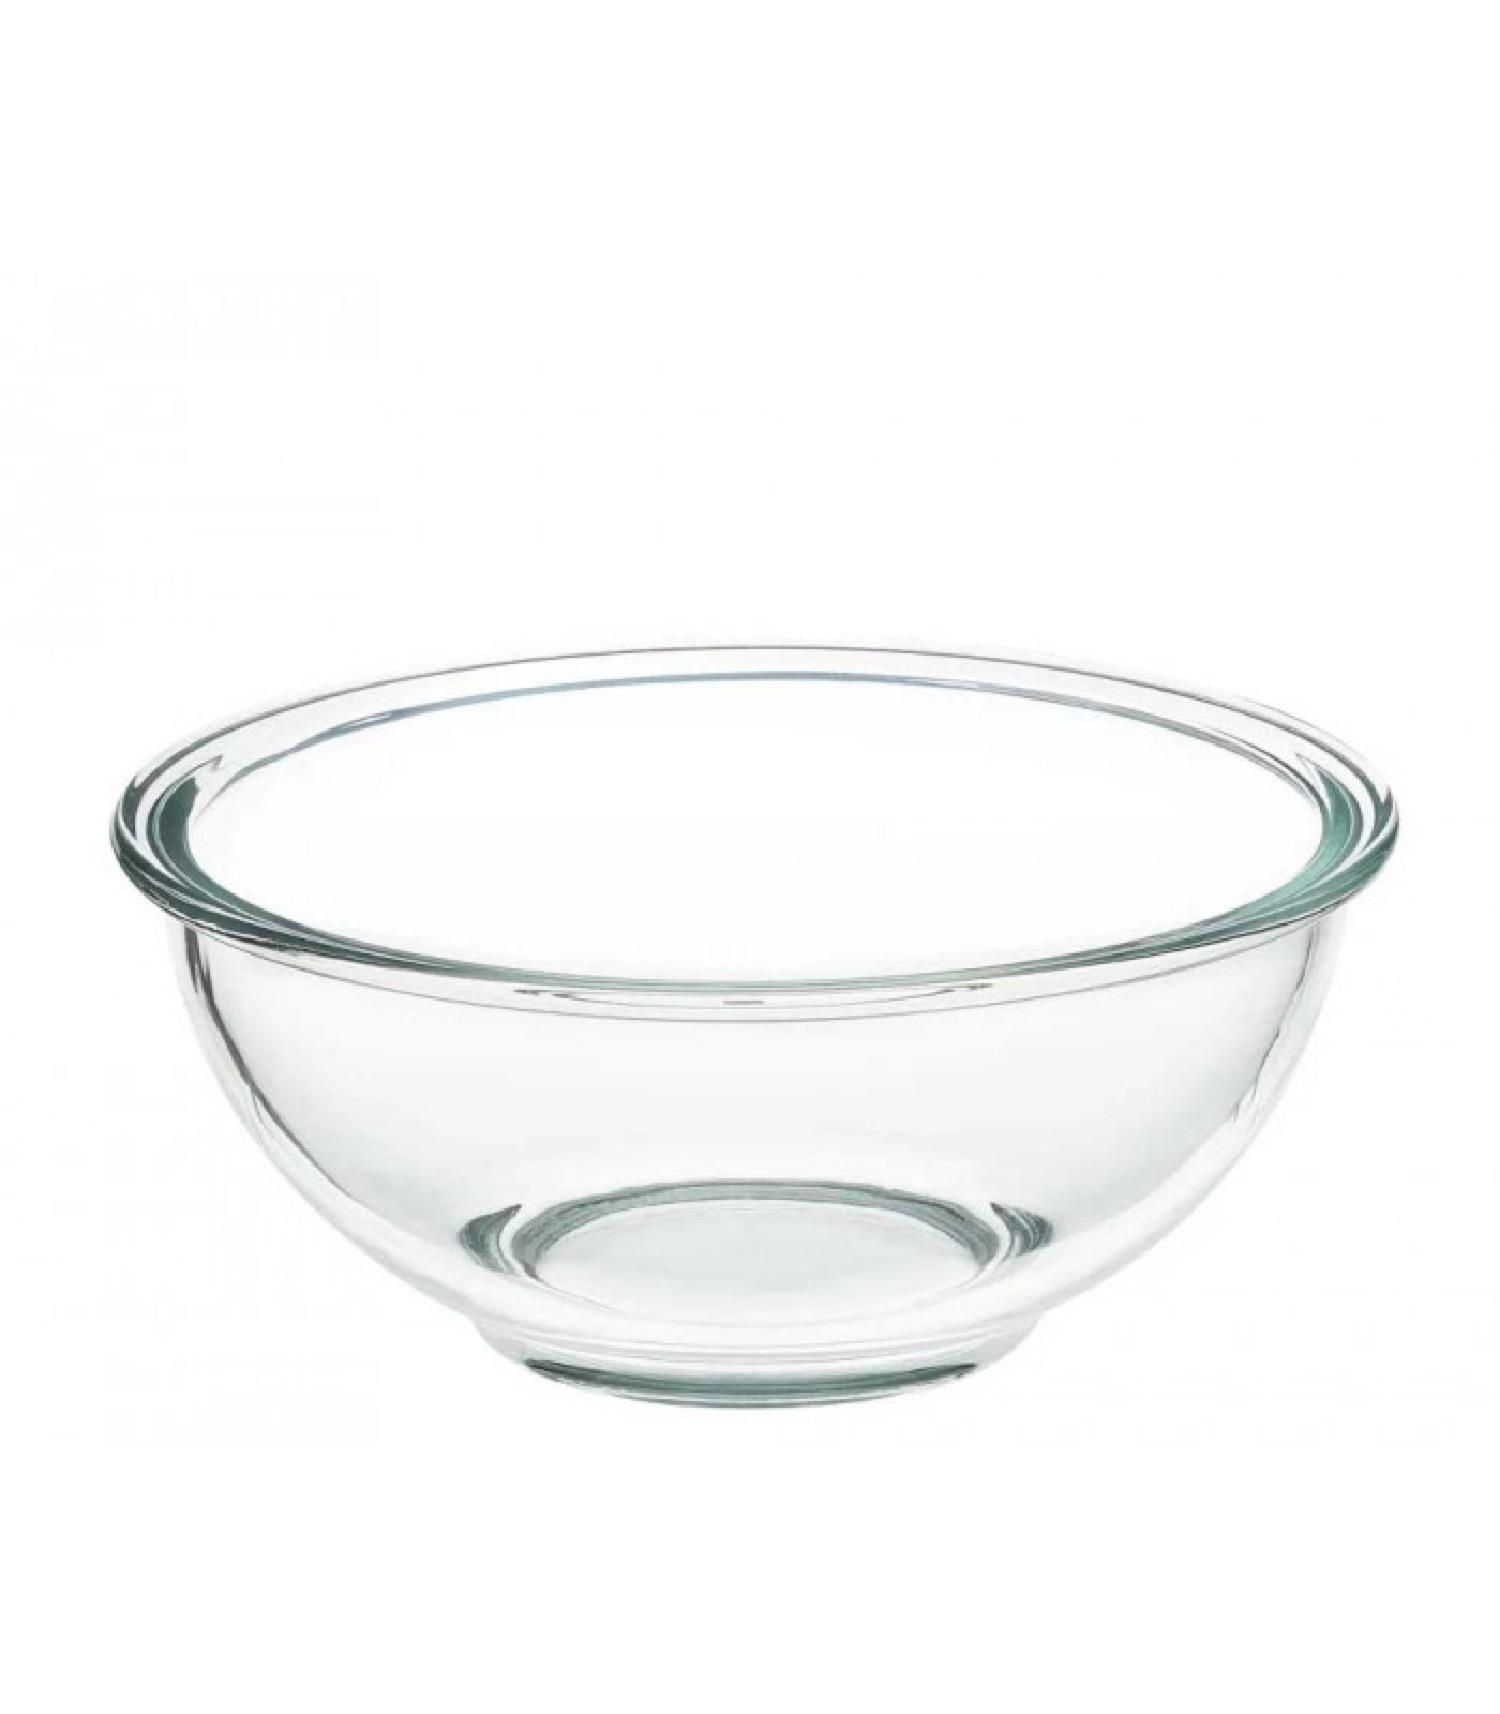 Bol préparation mélangeur en verre borosilicate D20,6cm